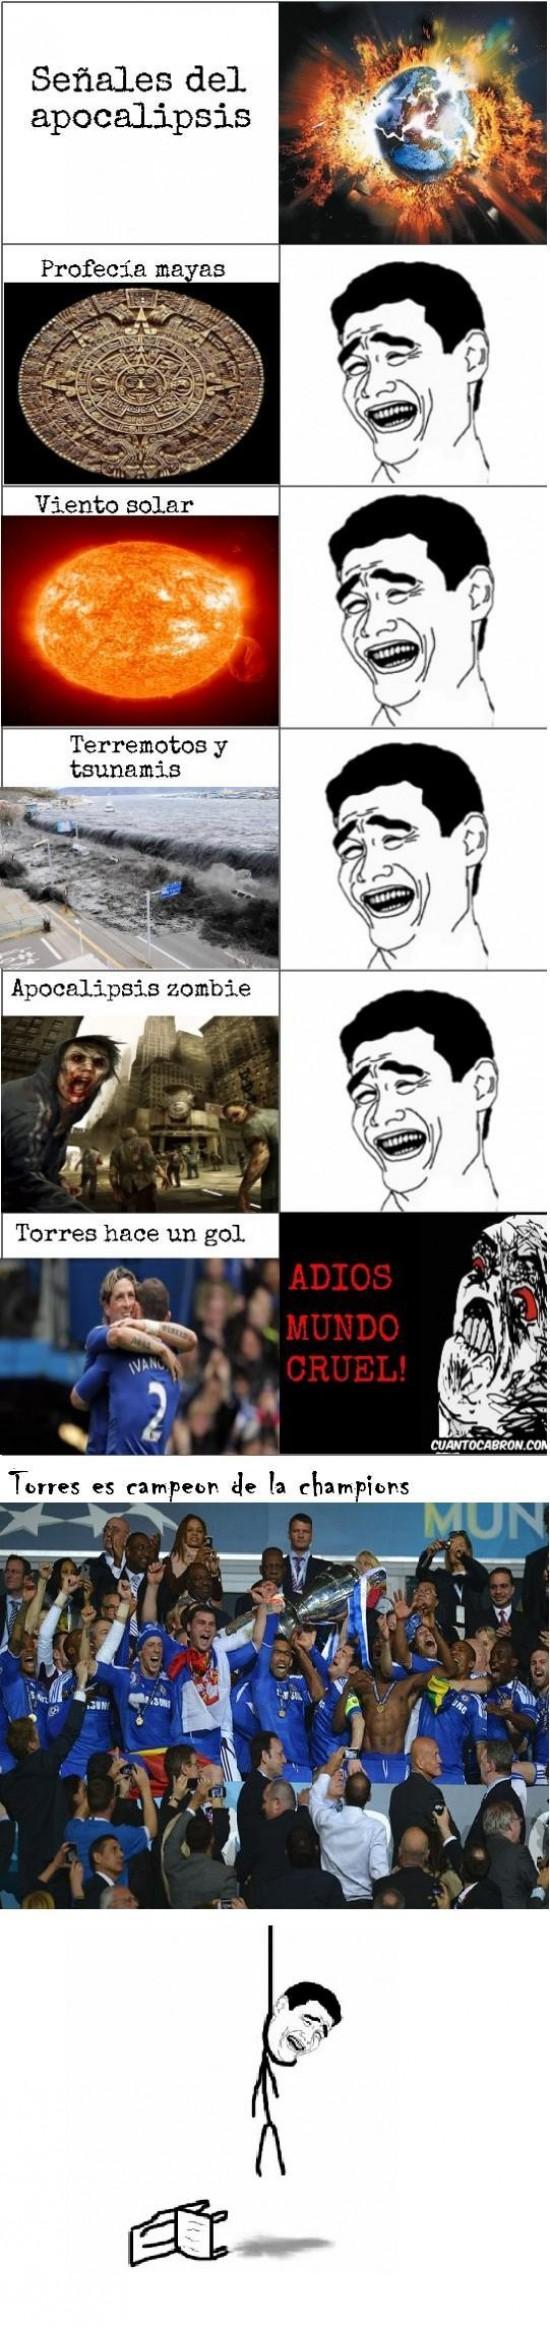 apocalipsis,Chelsea,Torres. champions